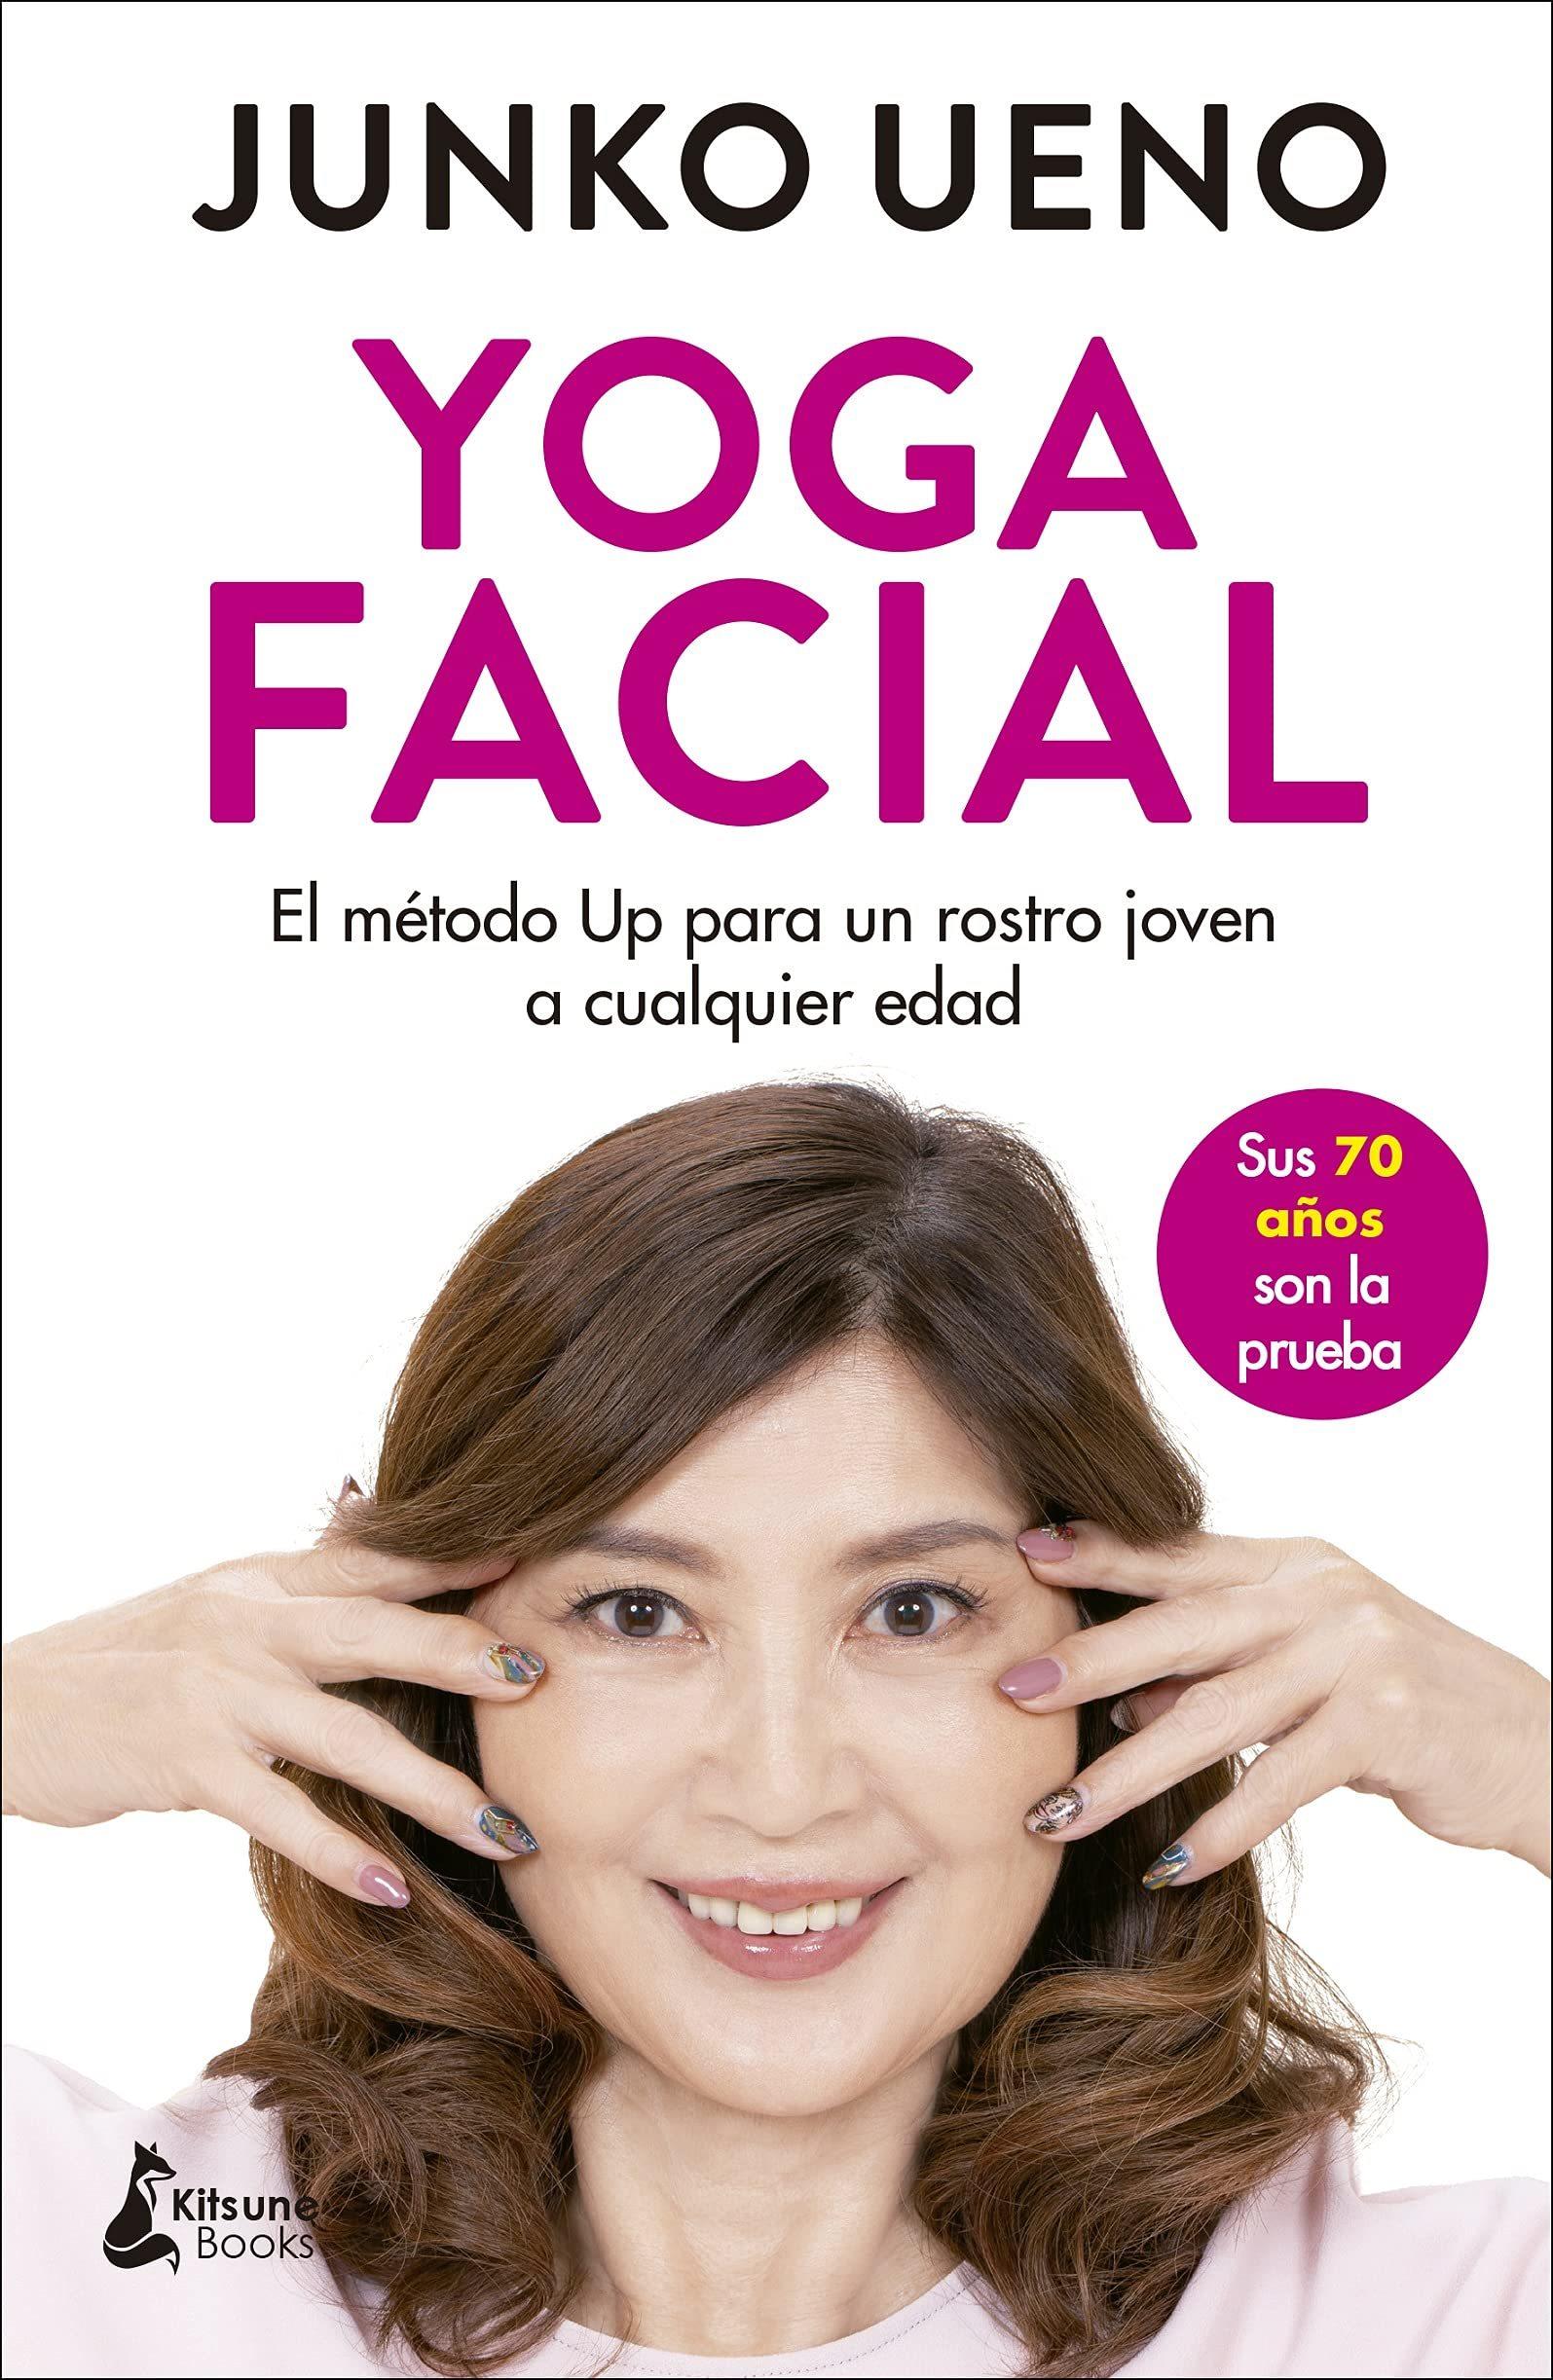 Libro Yoga Facial de Junko Ueno.